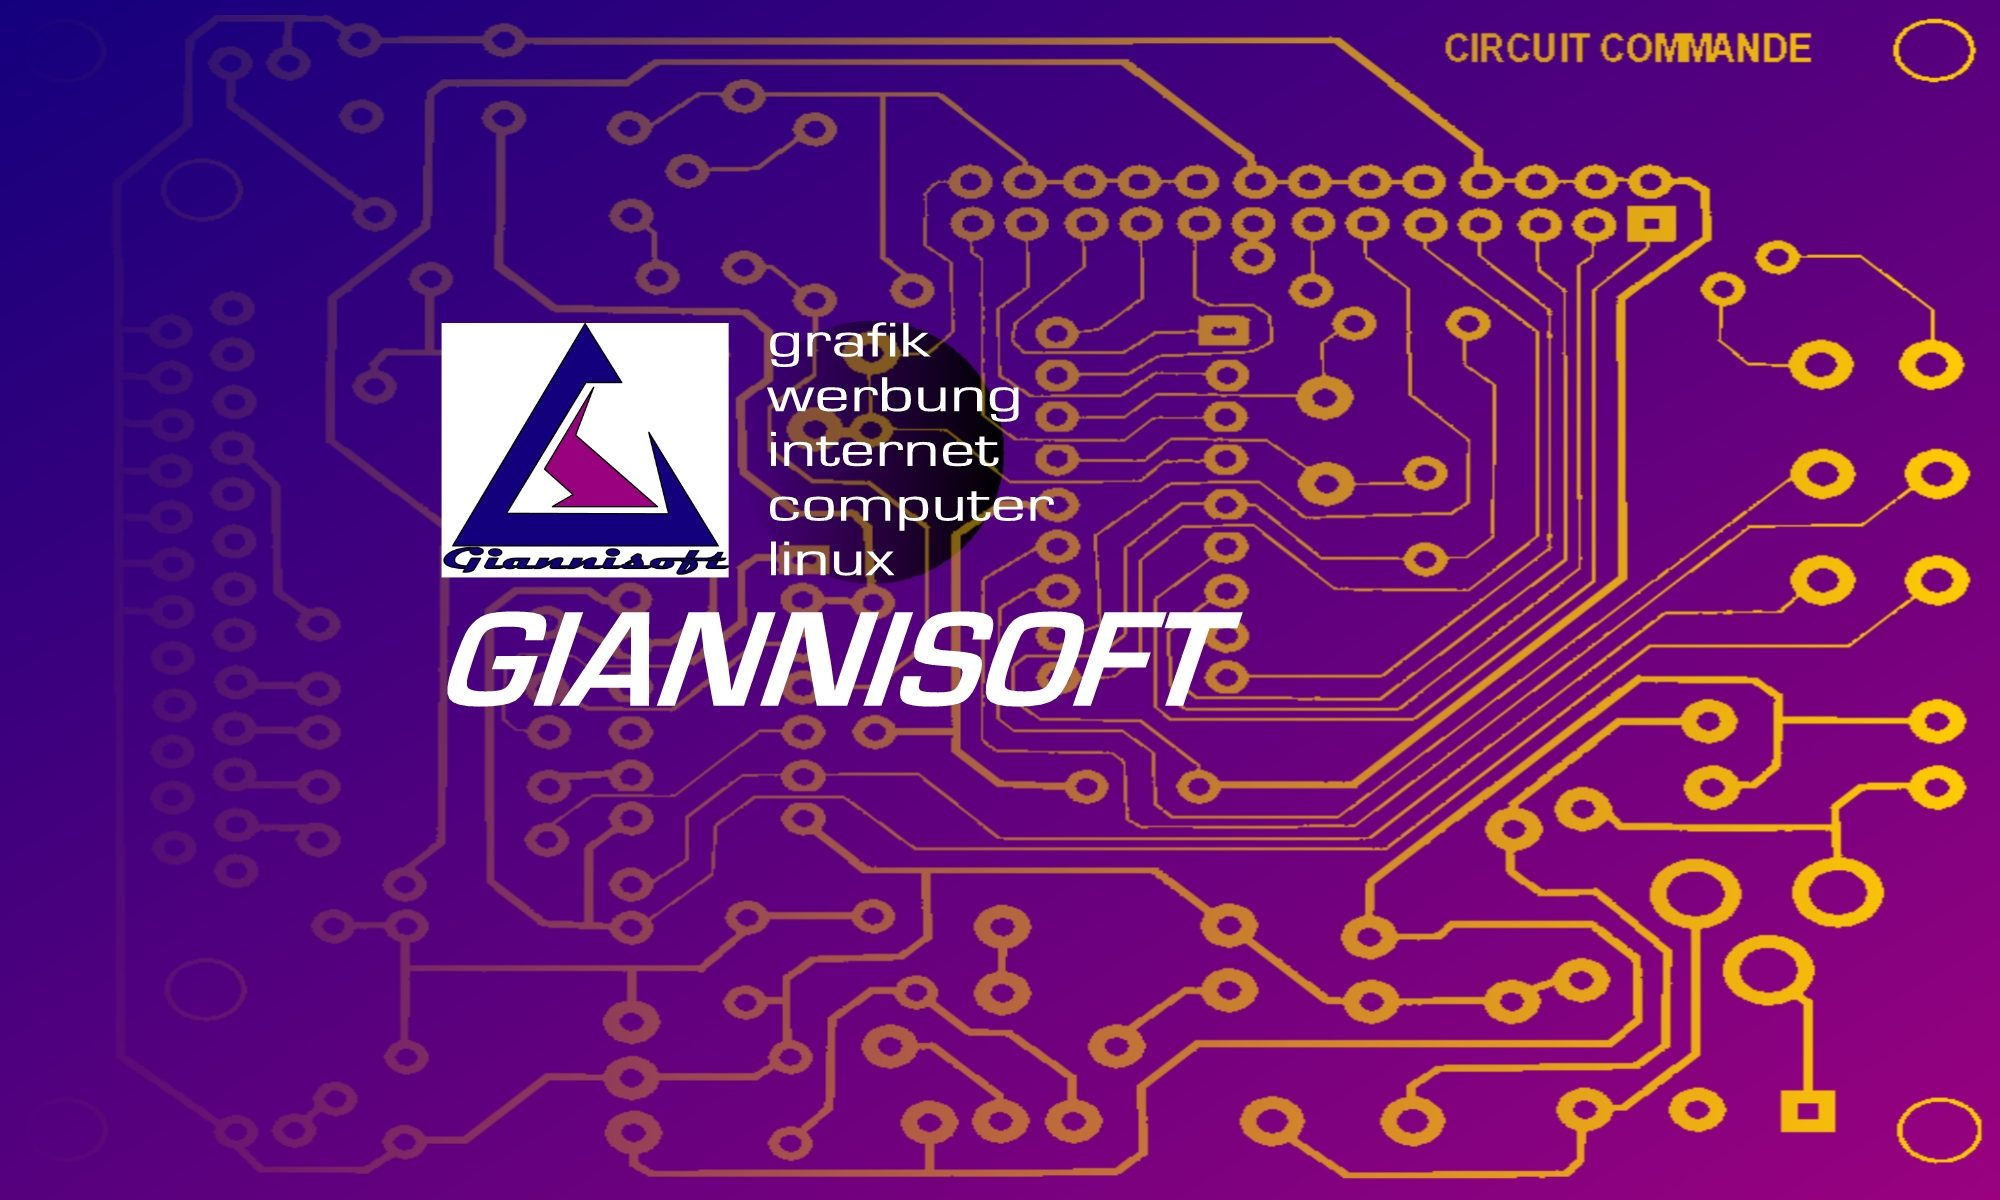 Giannisoft